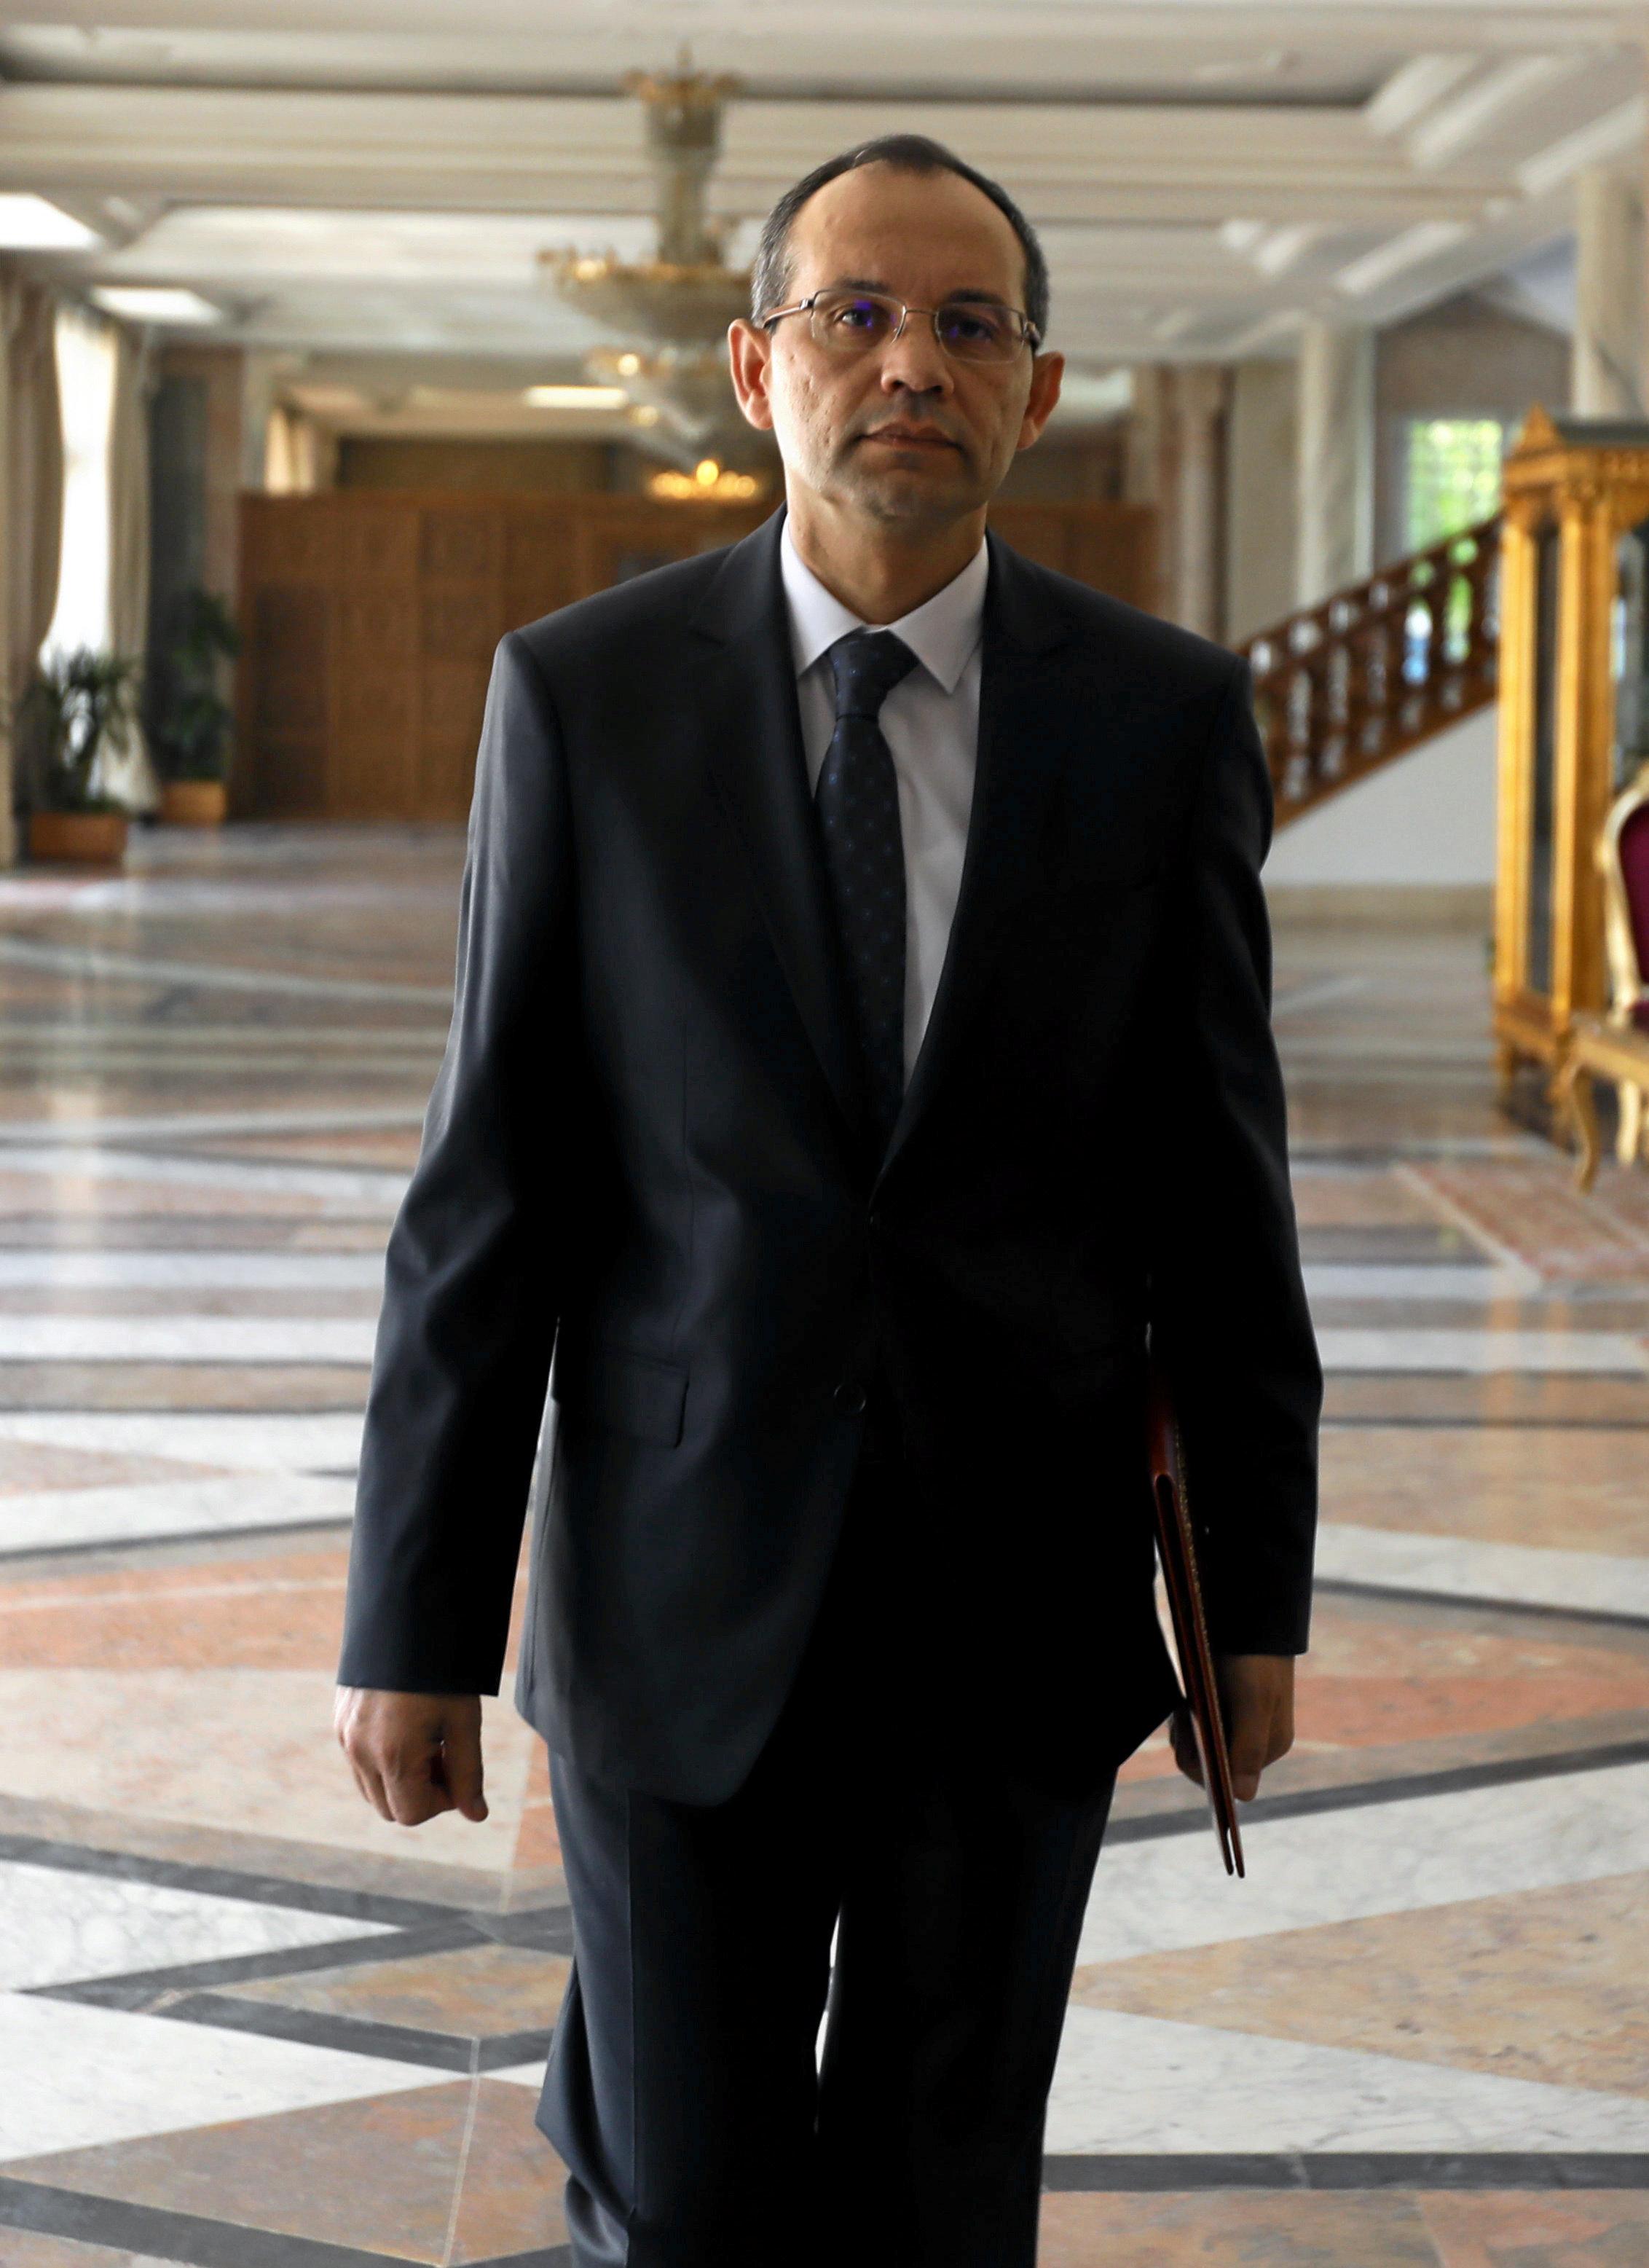 Le nouveau ministre de l'Intérieur servira-t-il enfin les libertés et droits citoyens